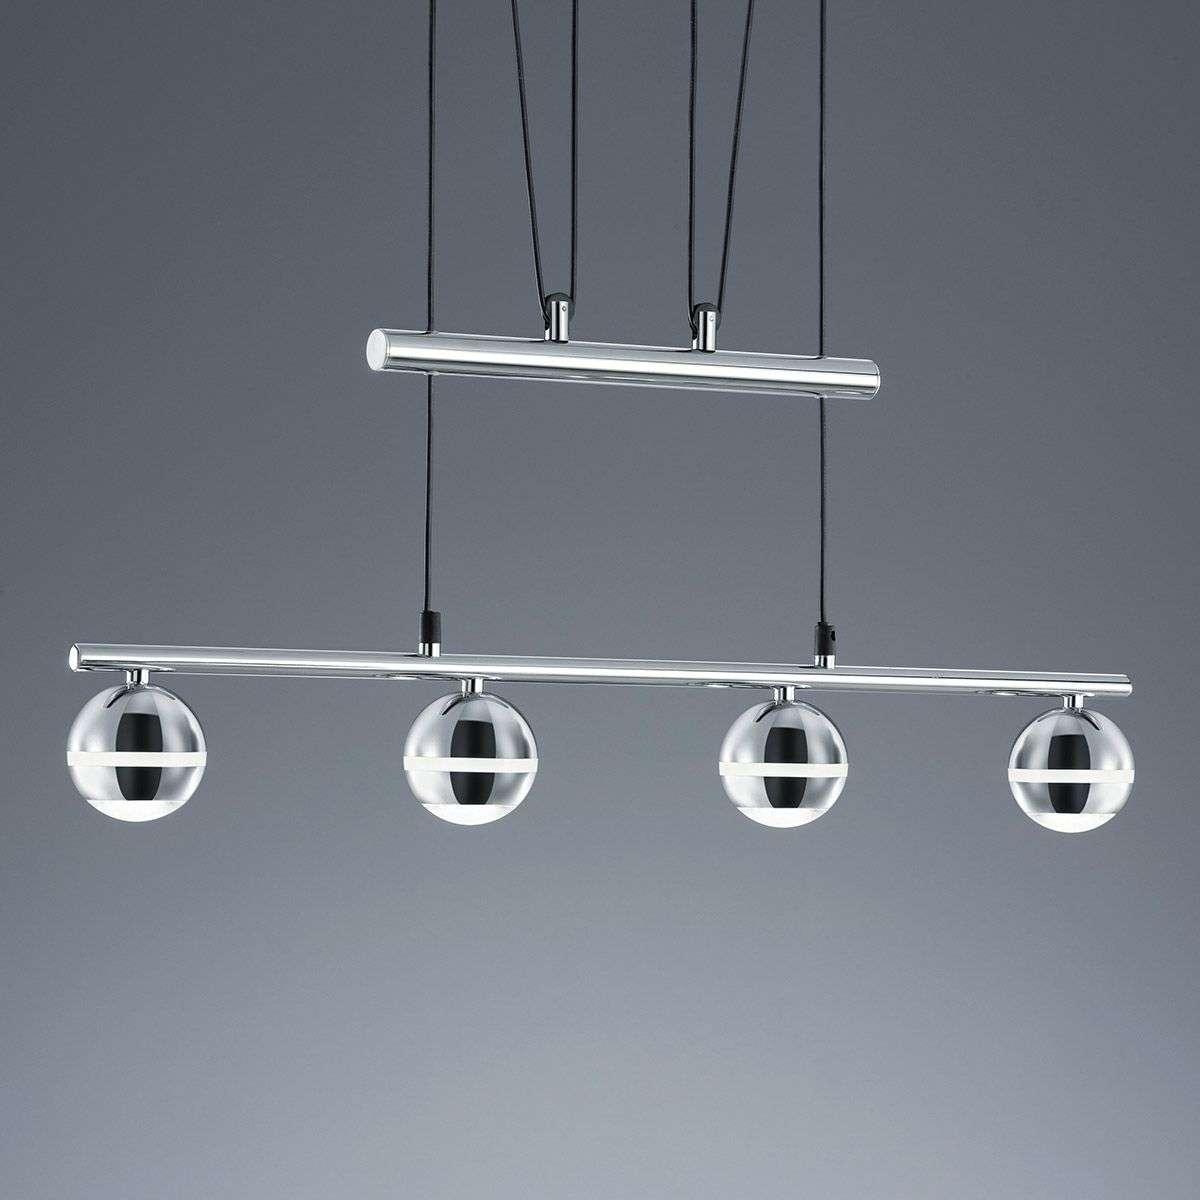 Ada LED pendant light height-adjustable 4 bulbs-9004579-31 & Ada LED pendant light height-adjustable 4 bulbs | Lights.ie